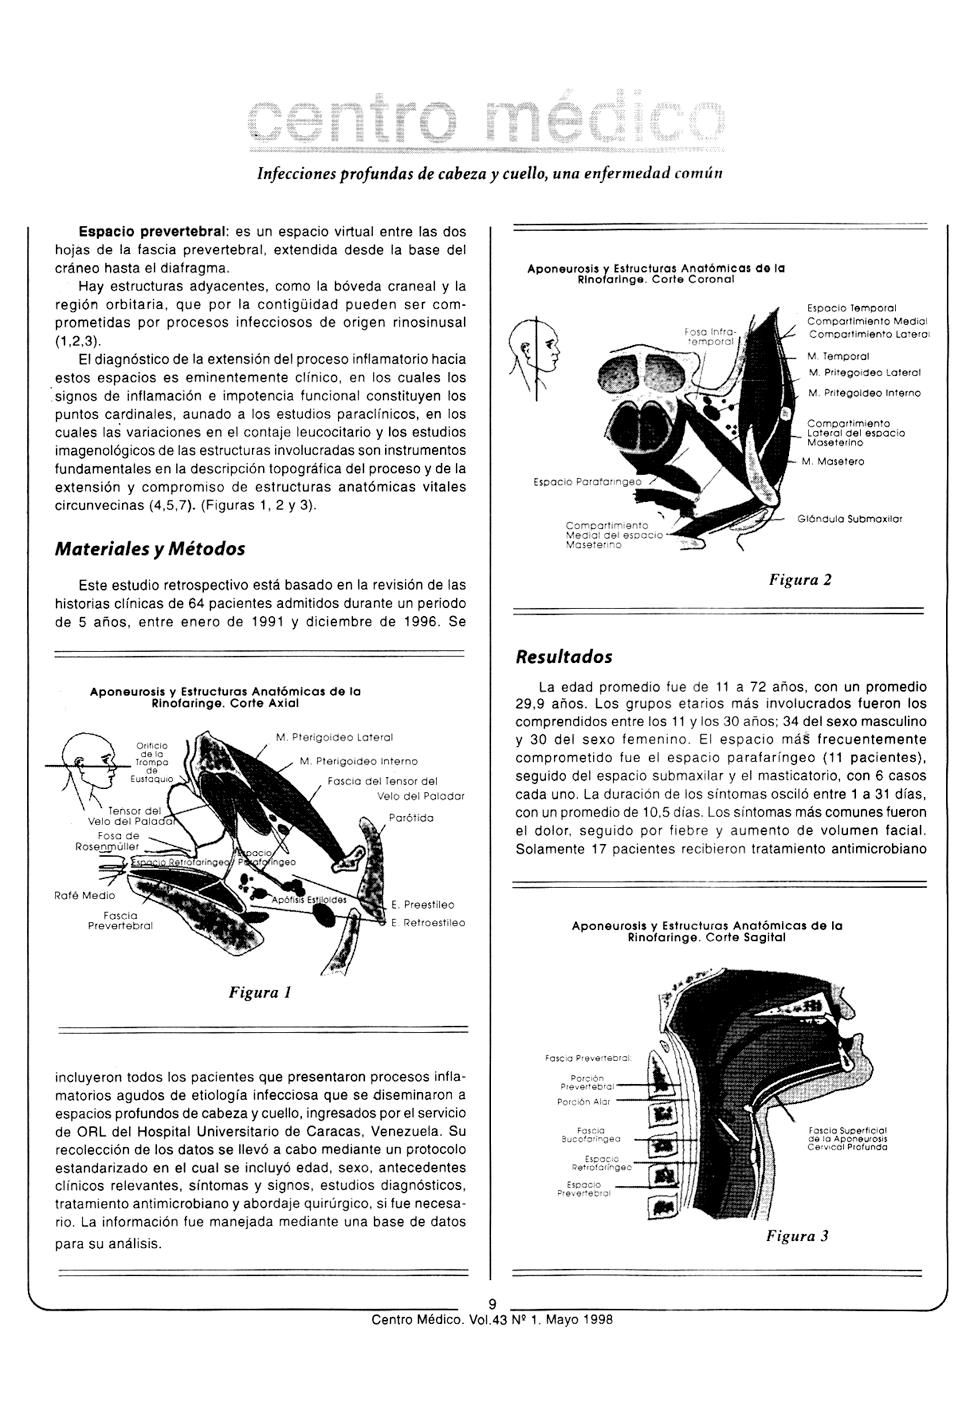 Infecciones profundas de cabeza y cuello. Una enfermedad común